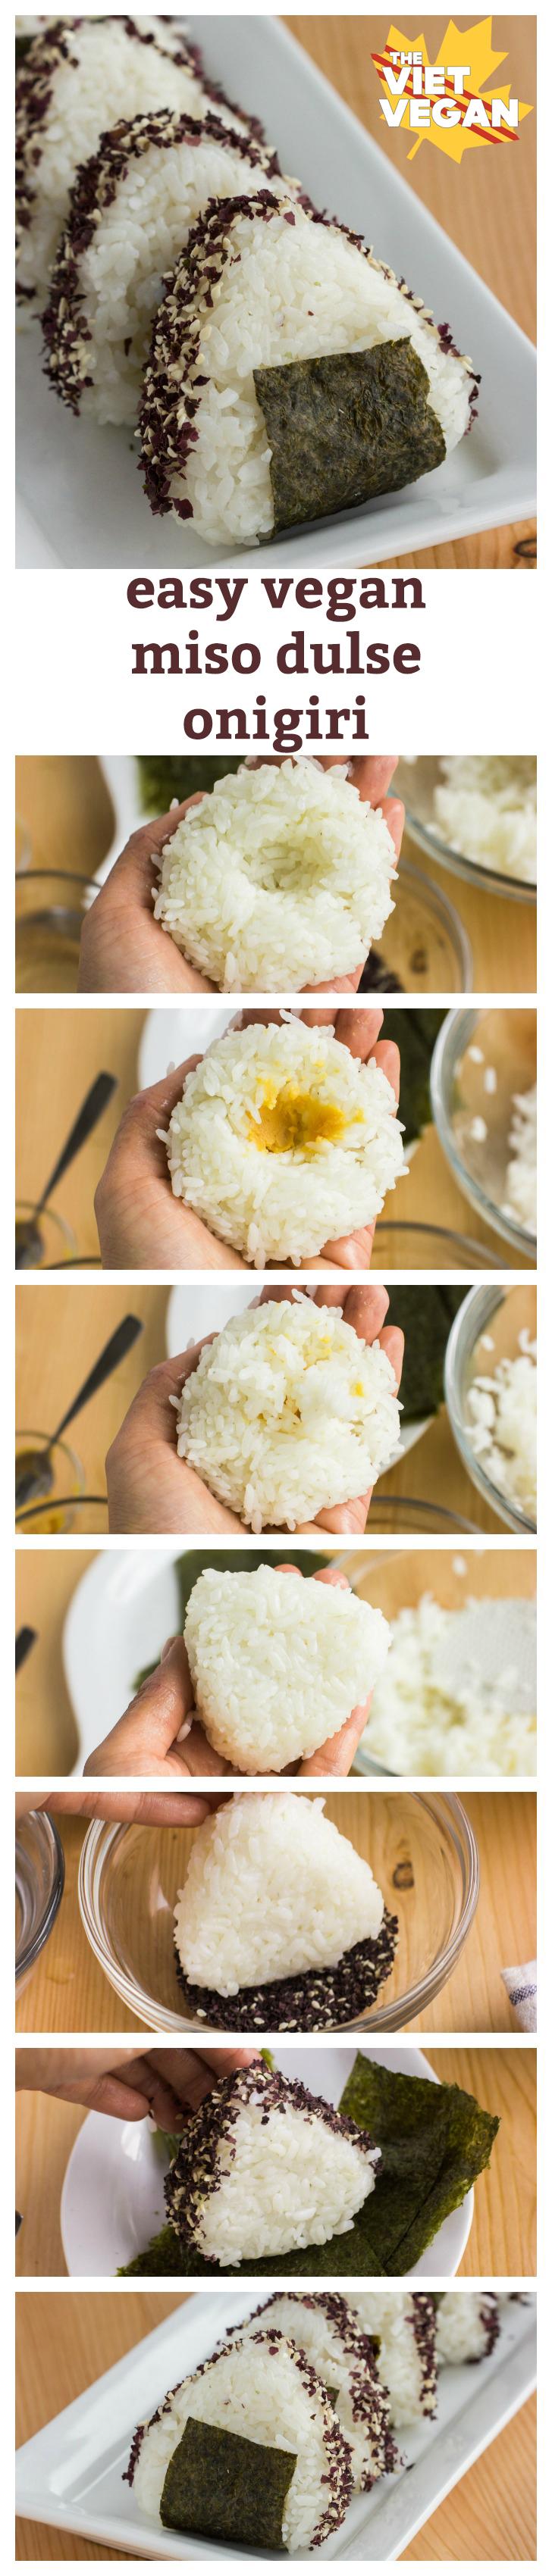 """Vegan Miso Dulse Onigiri   The Viet Vegan   Japanese versions of """"sandwiches"""", onigiri are stuffed rice triangles"""